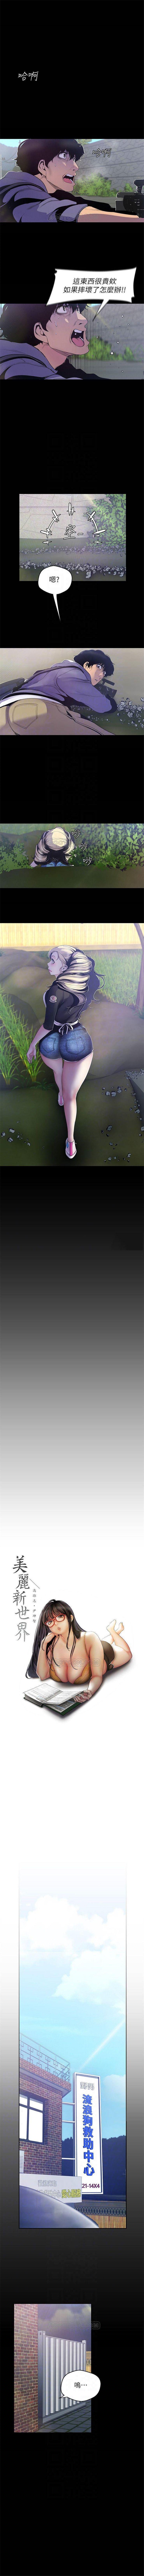 美麗新世界 1-85 官方中文(連載中) 487